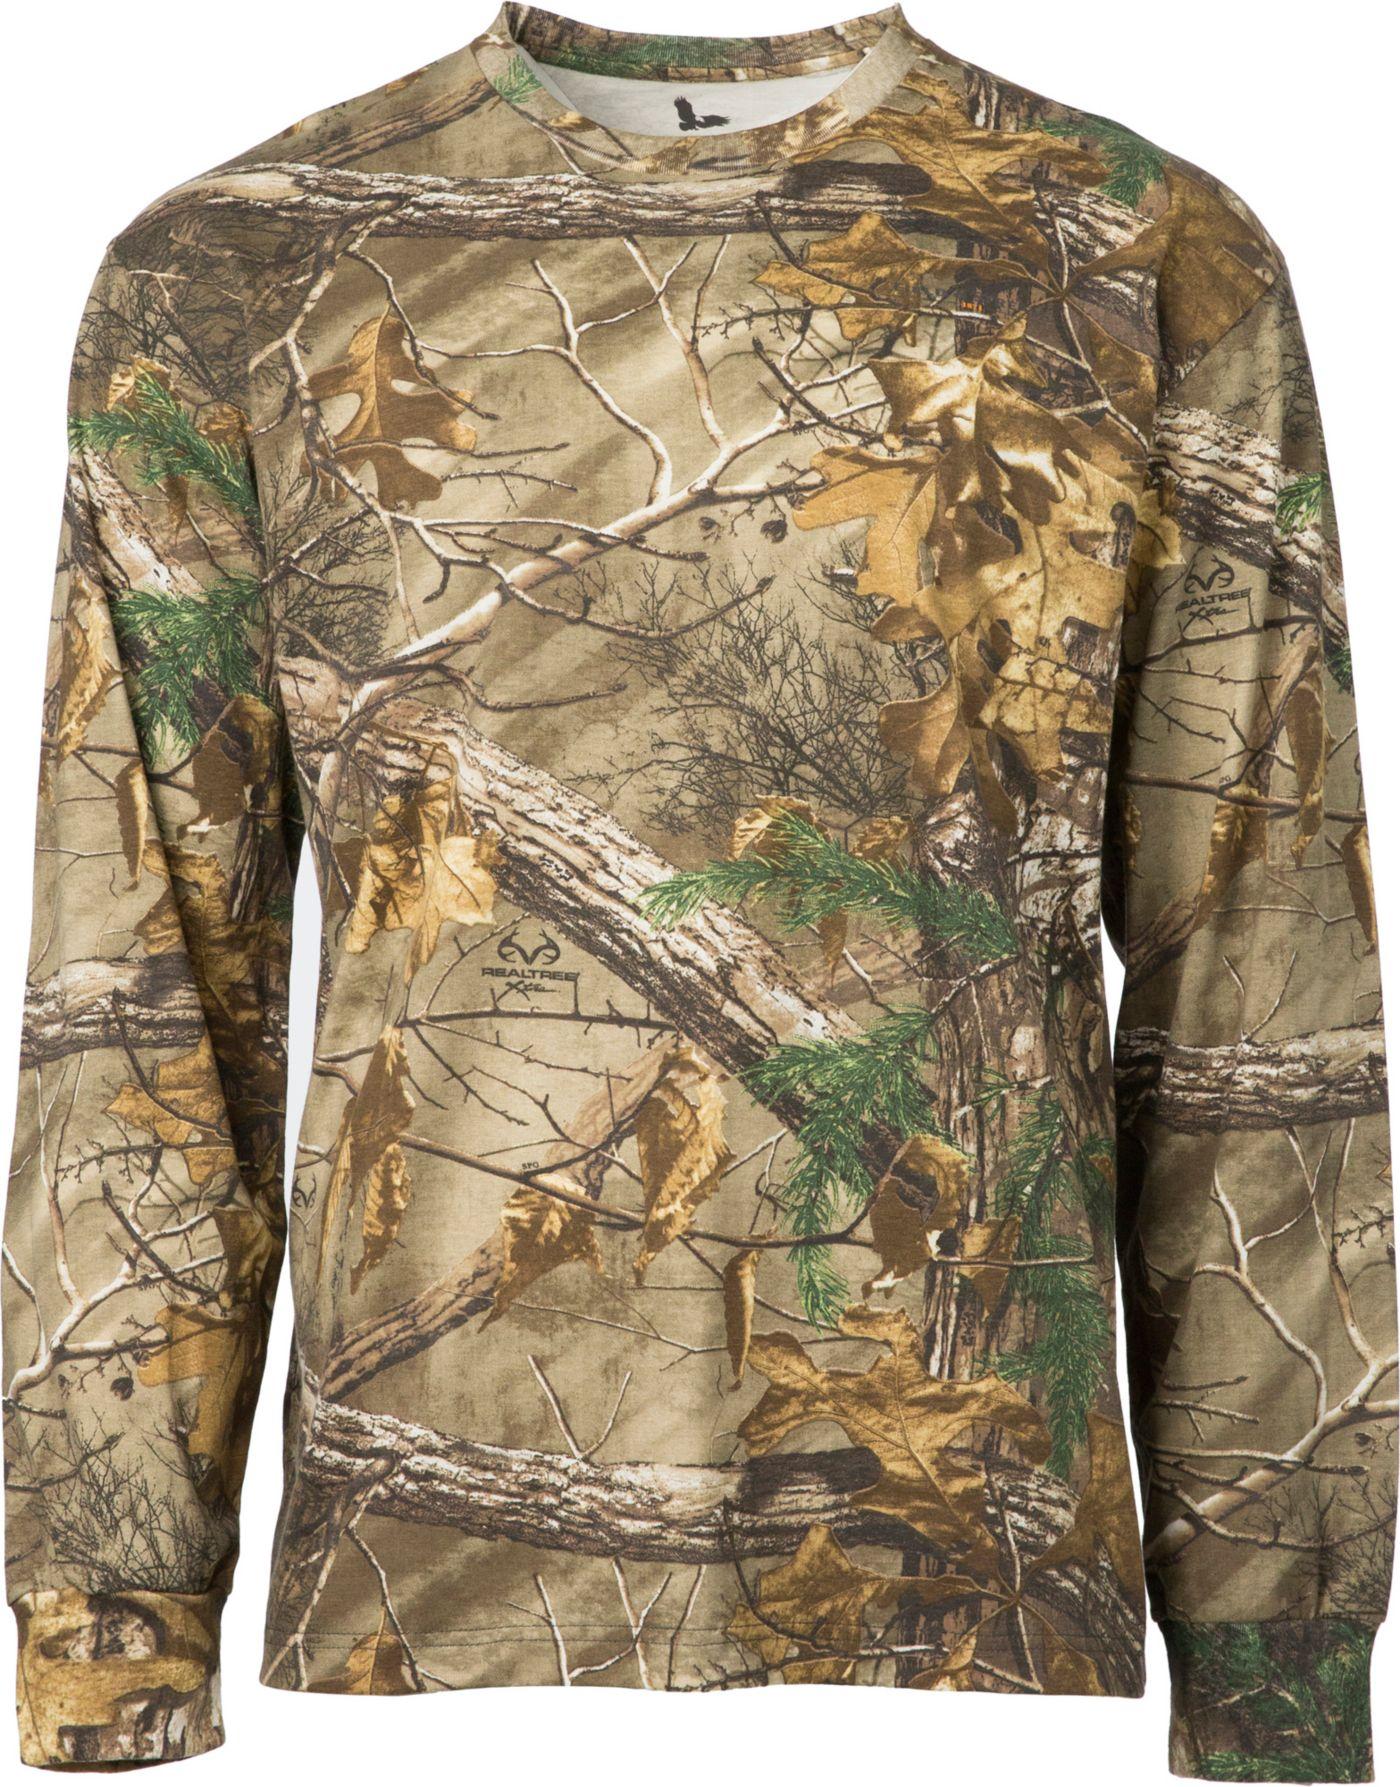 Field & Stream Men's Camo Long Sleeve Shirt